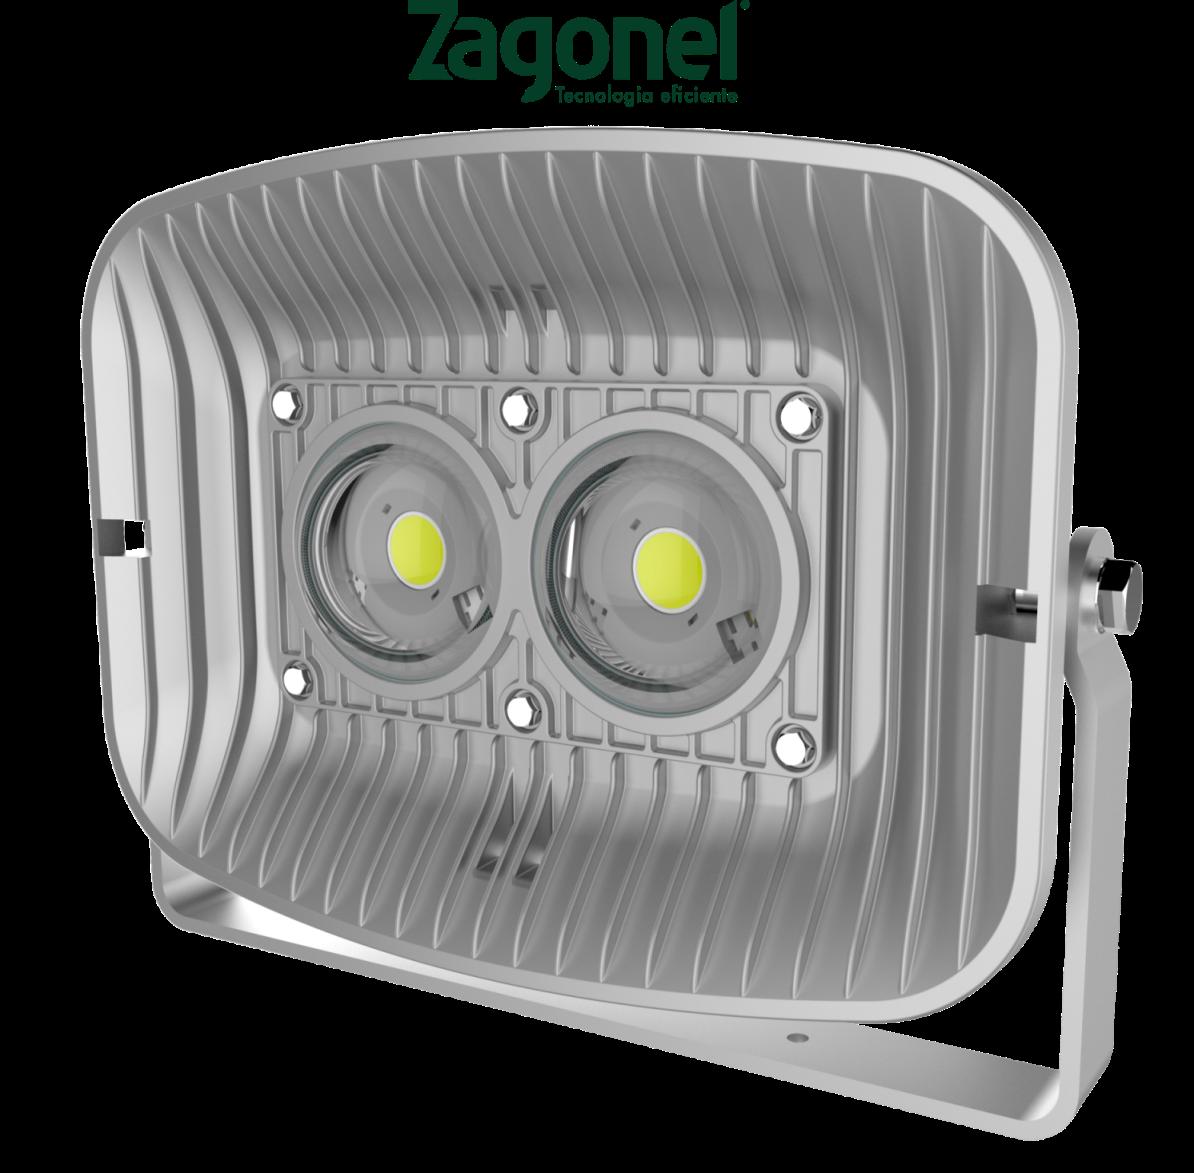 Zagonel participará pela terceira vez com novidades na linha de luminárias EX